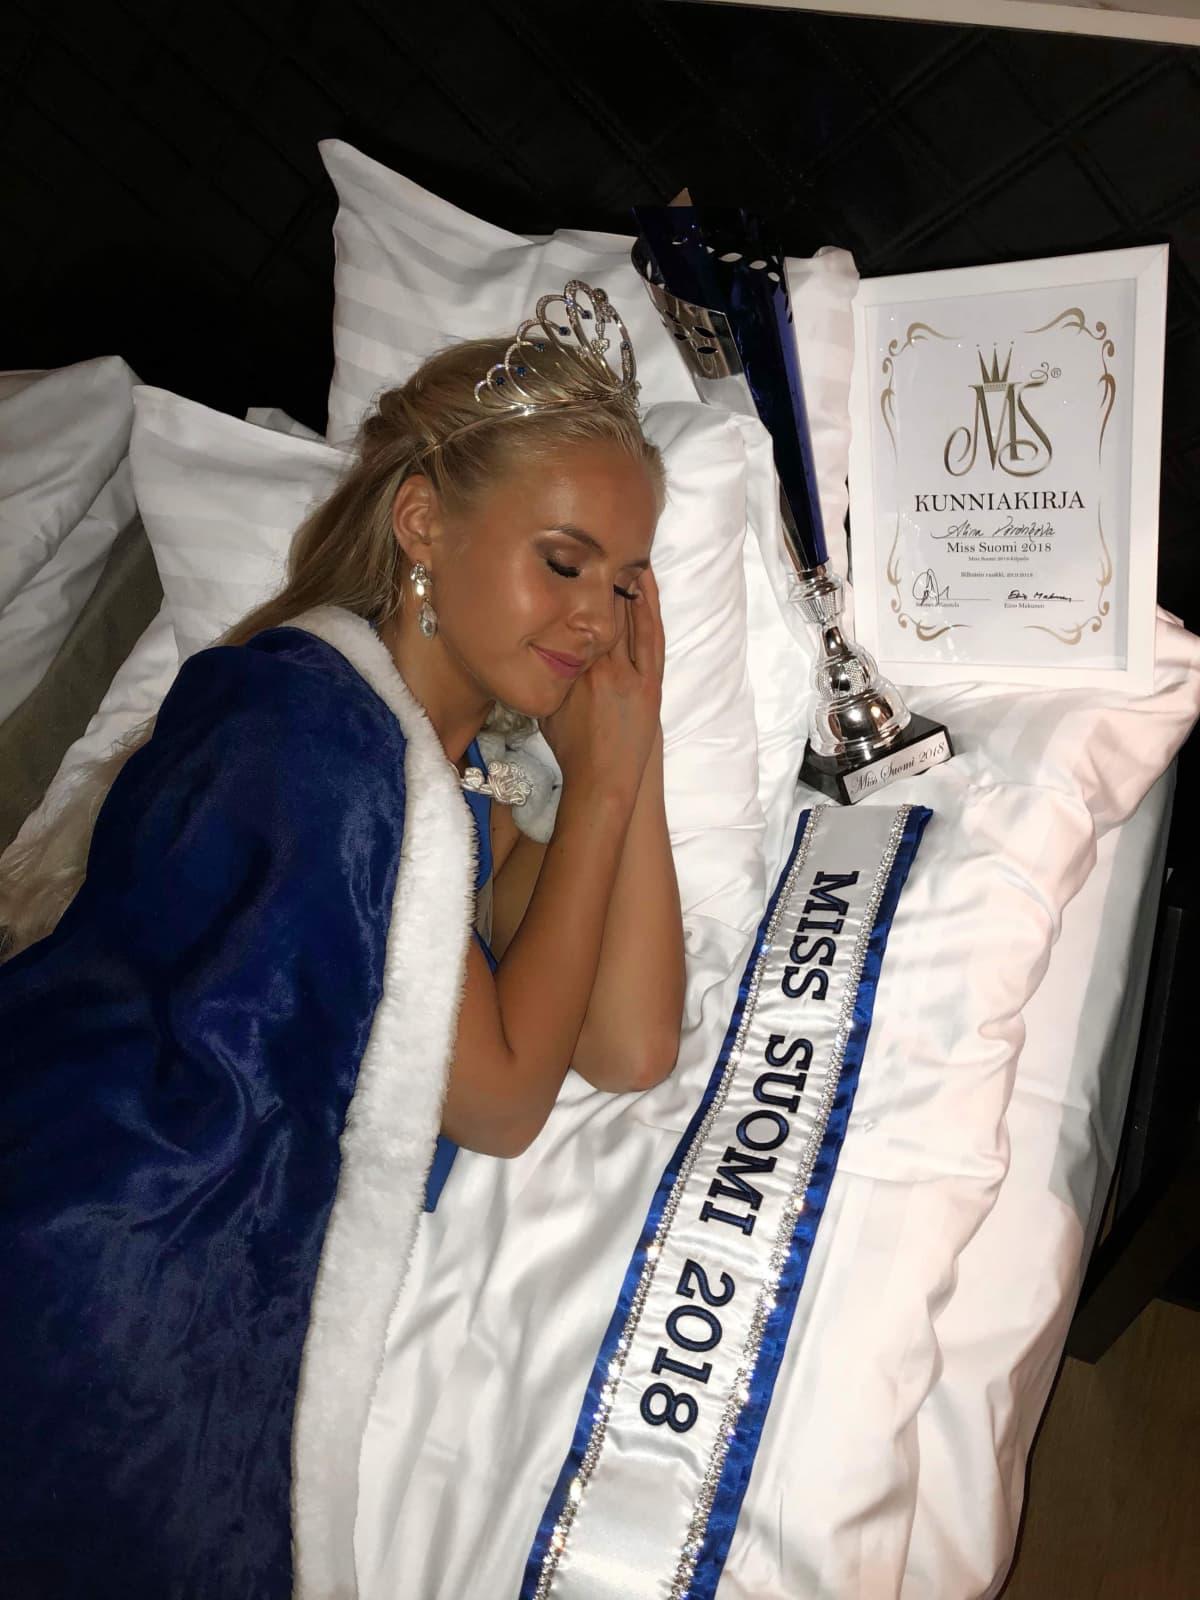 Enää Alina Voronkova ei suostu menettämään yöuniaan kiusaamisen vuoksi.